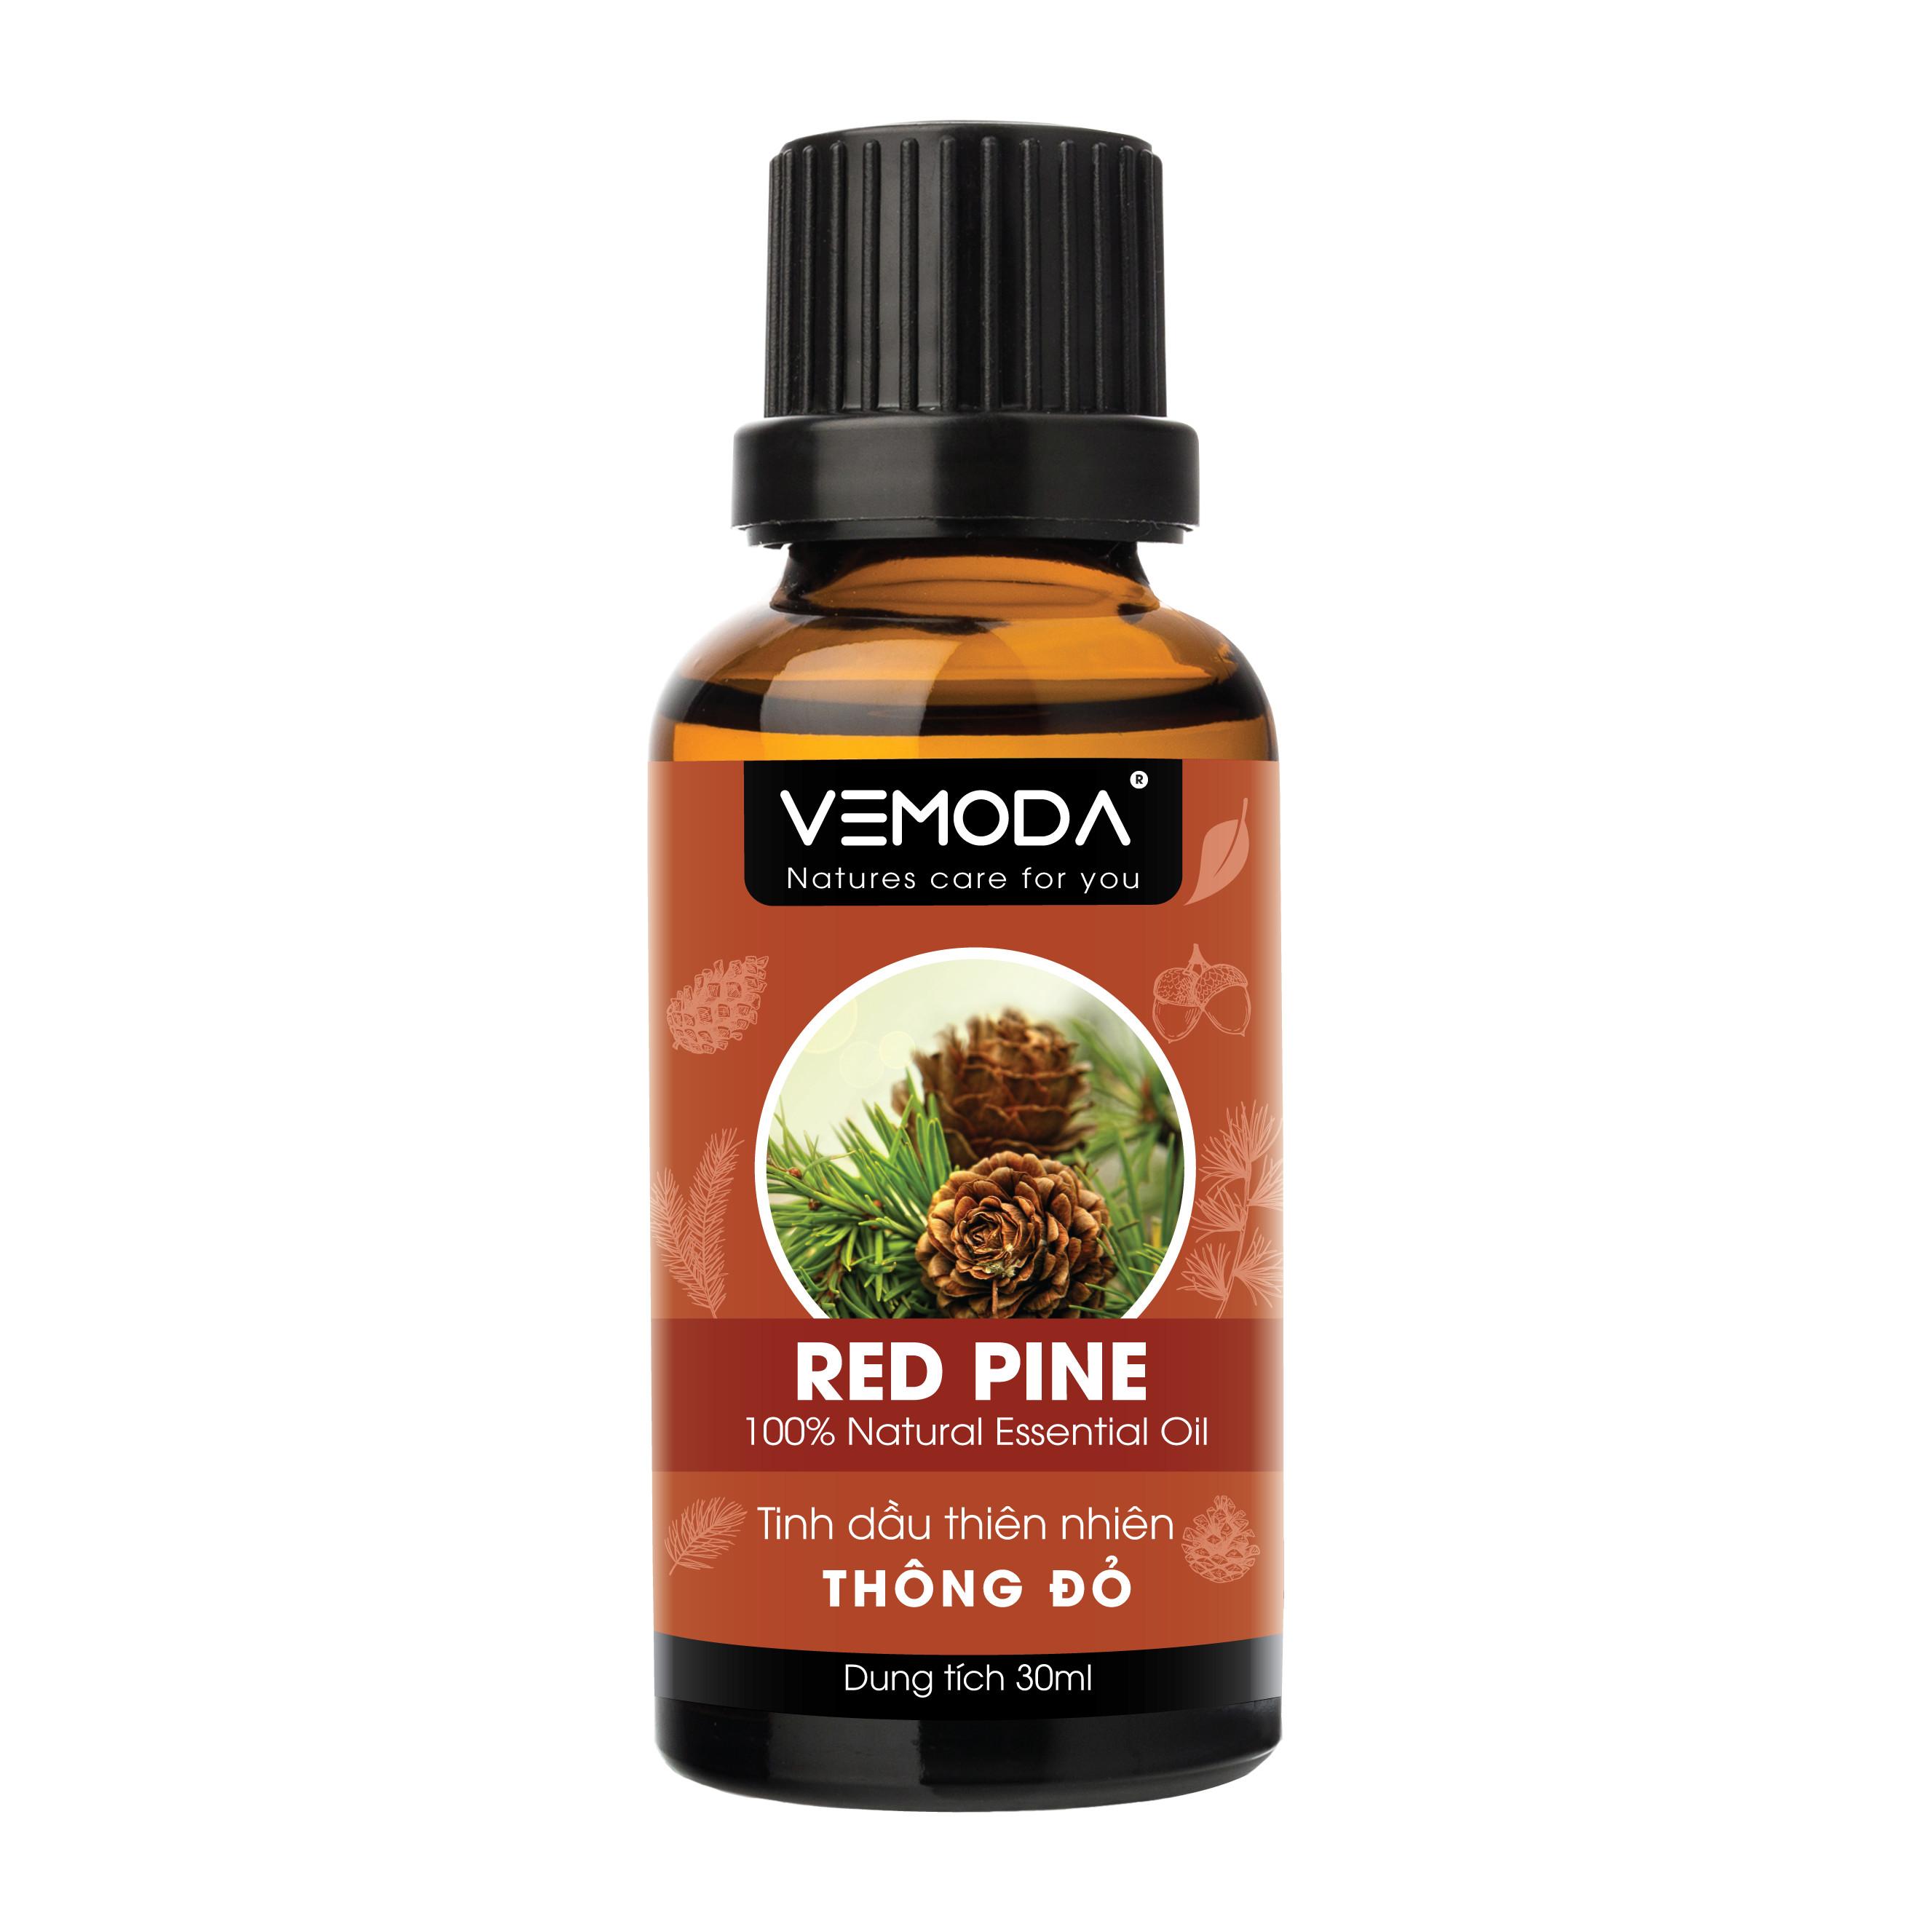 Tinh dầu Thông đỏ nguyên chất Vemoda 30ML giúp thư giãn, an thần, giải cảm, thanh lọc không khí, lưu thông tuần hoàn máu